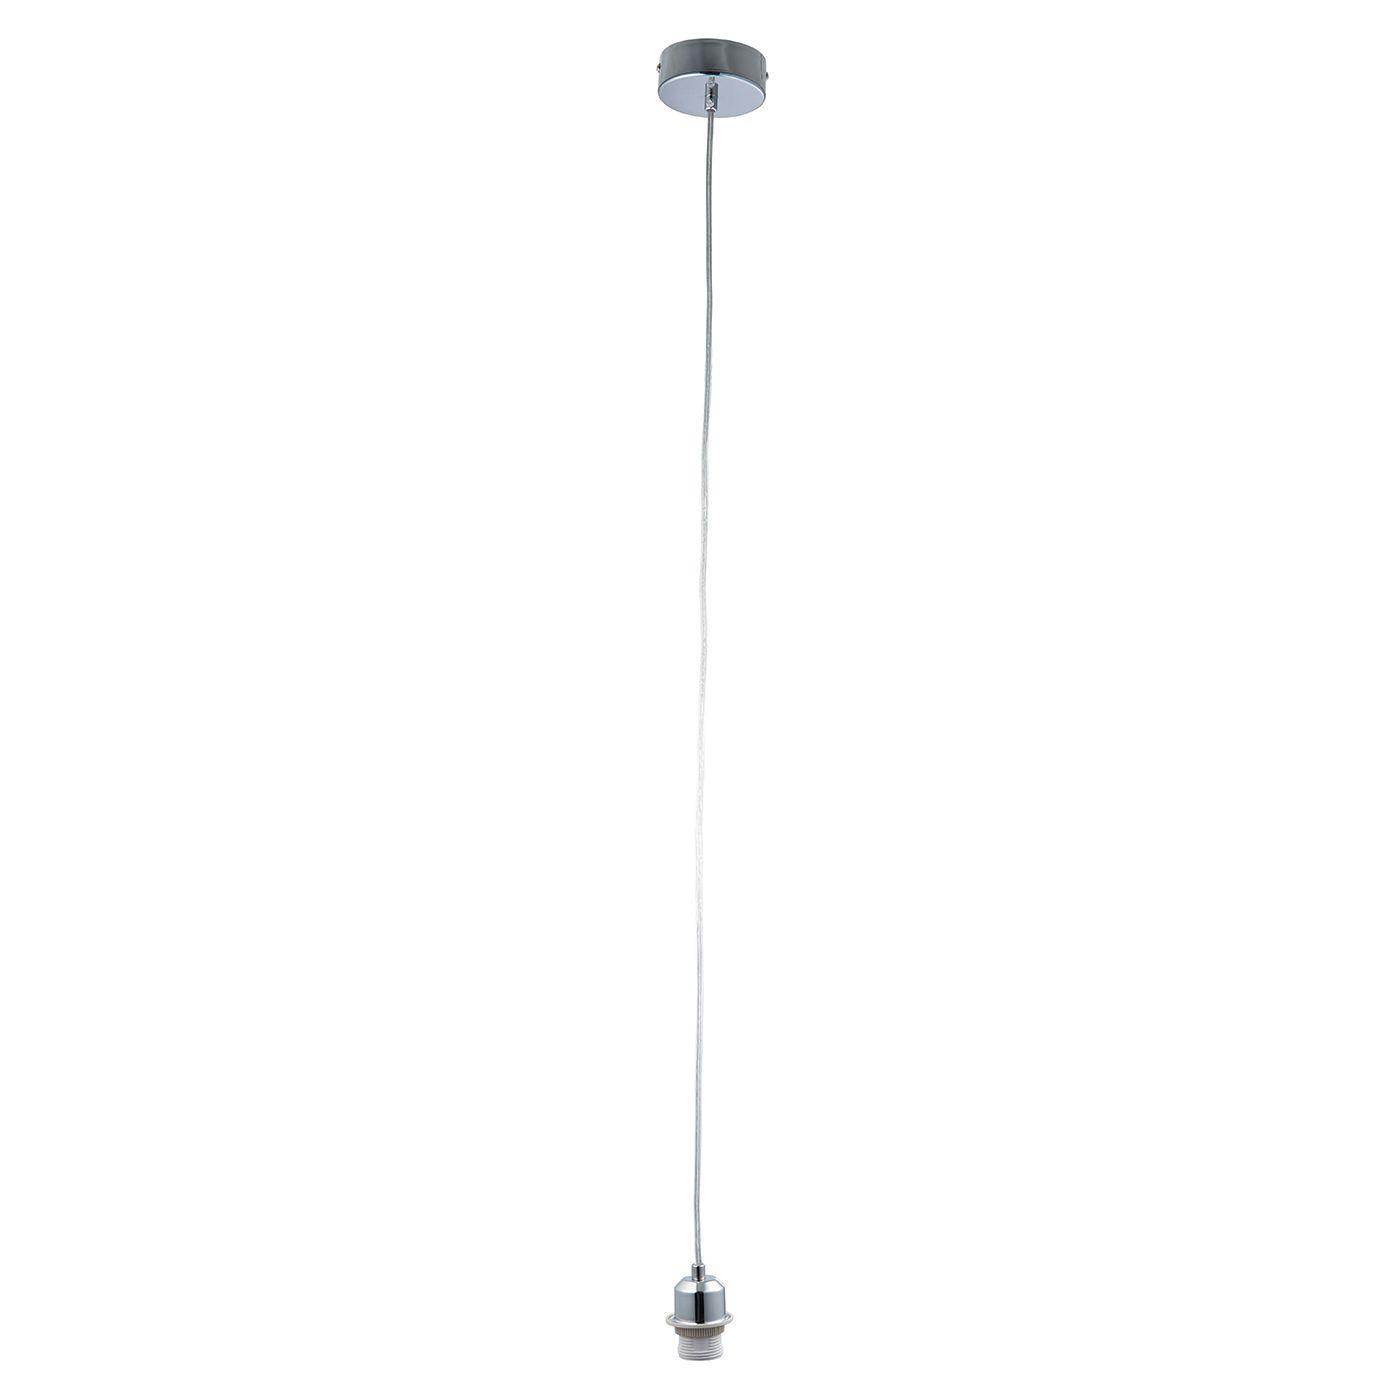 Zawieszenie do lamp marki Endon Lighting - chrom